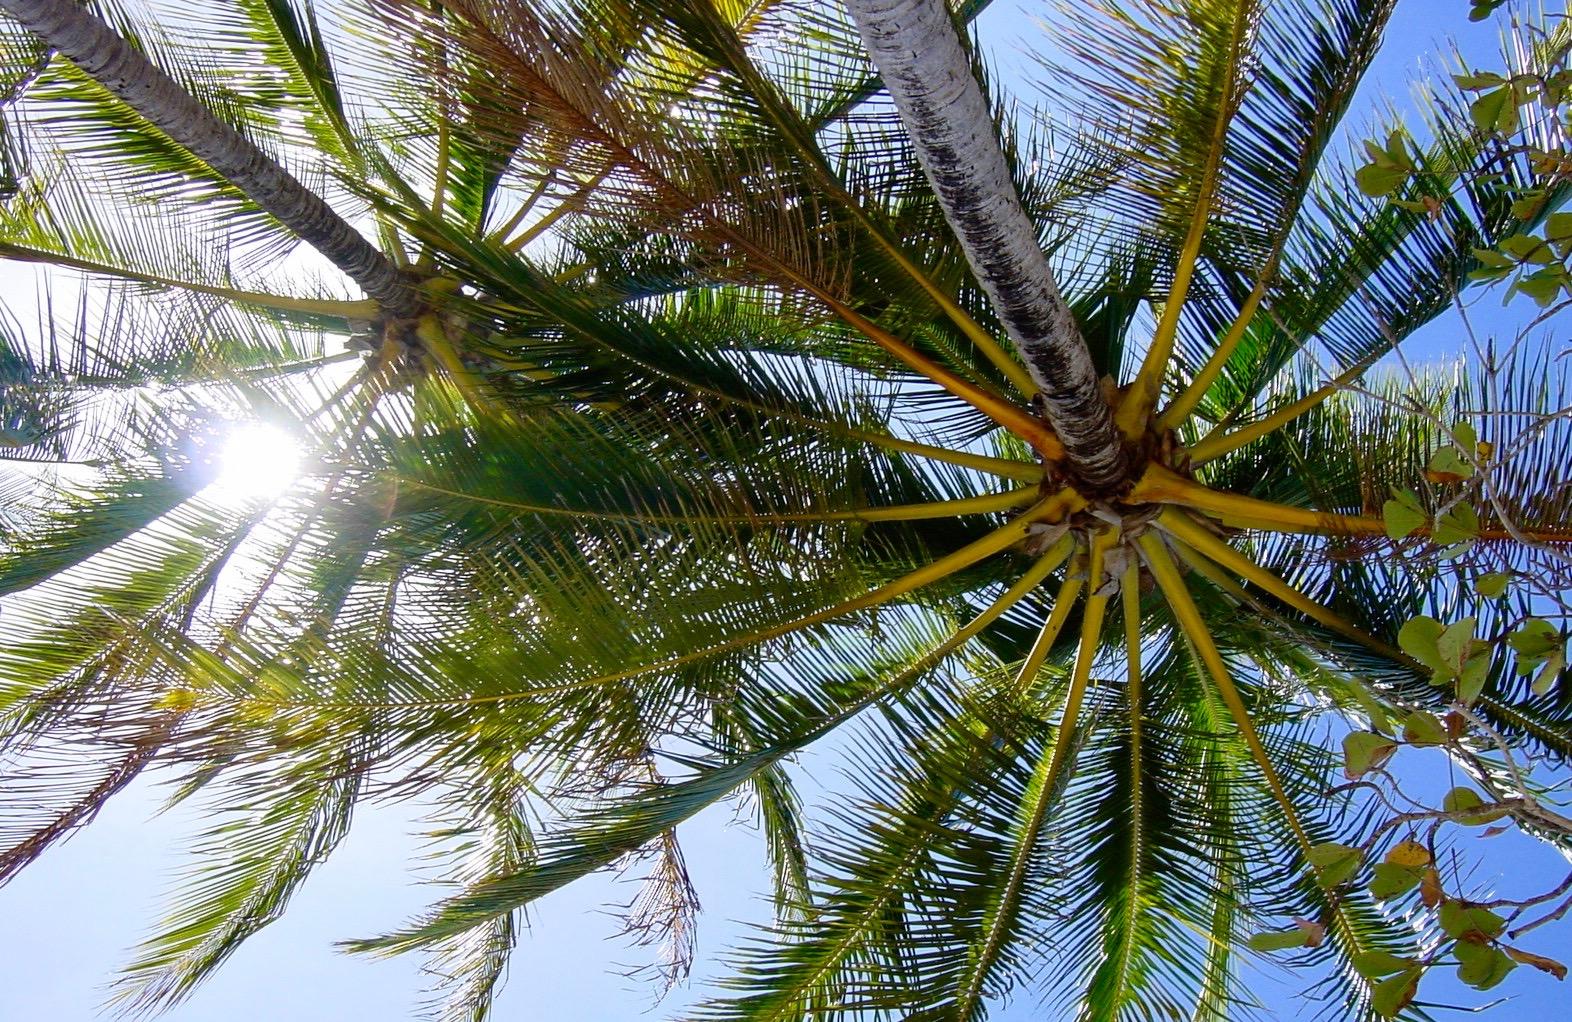 elephant-palm-mostbeautifulivorygrowsontrees-nut-ivory-nini-natural-sustainable-compassionate-alternative-noivory-cdg-couleursdegeraldine